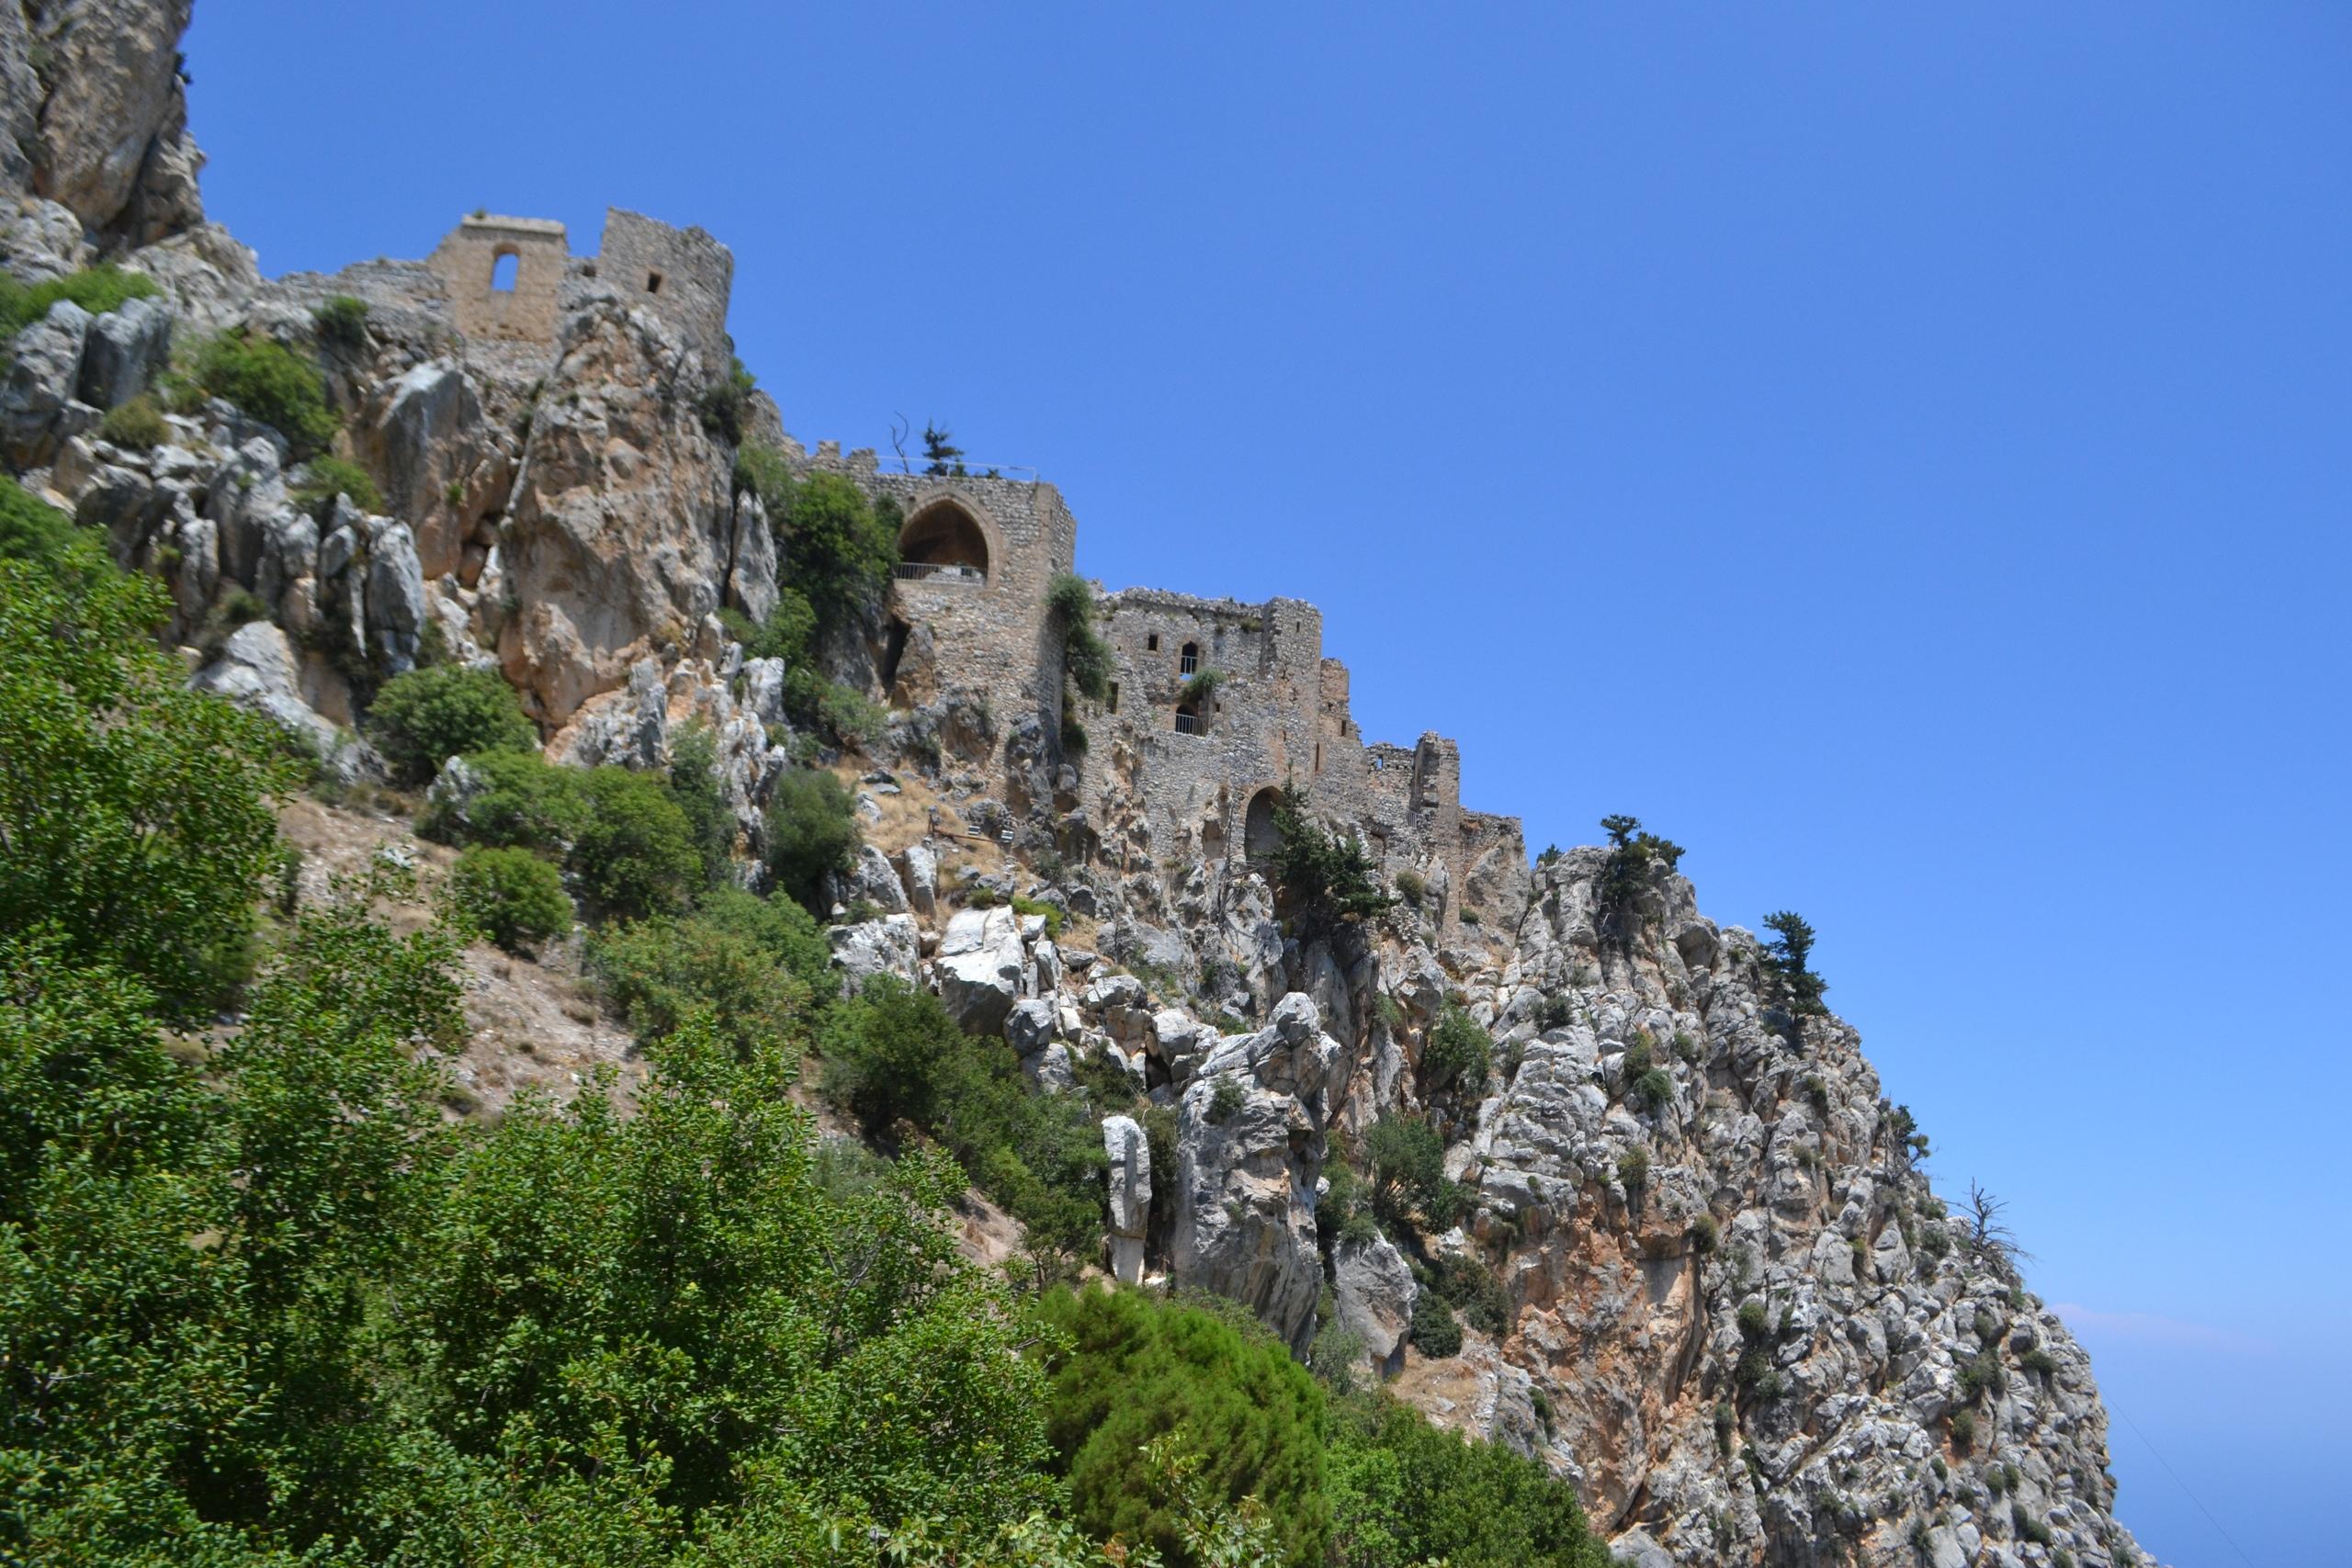 Северный Кипр. Замок Святого Иллариона. (фото). XUP3dWO0Ooo